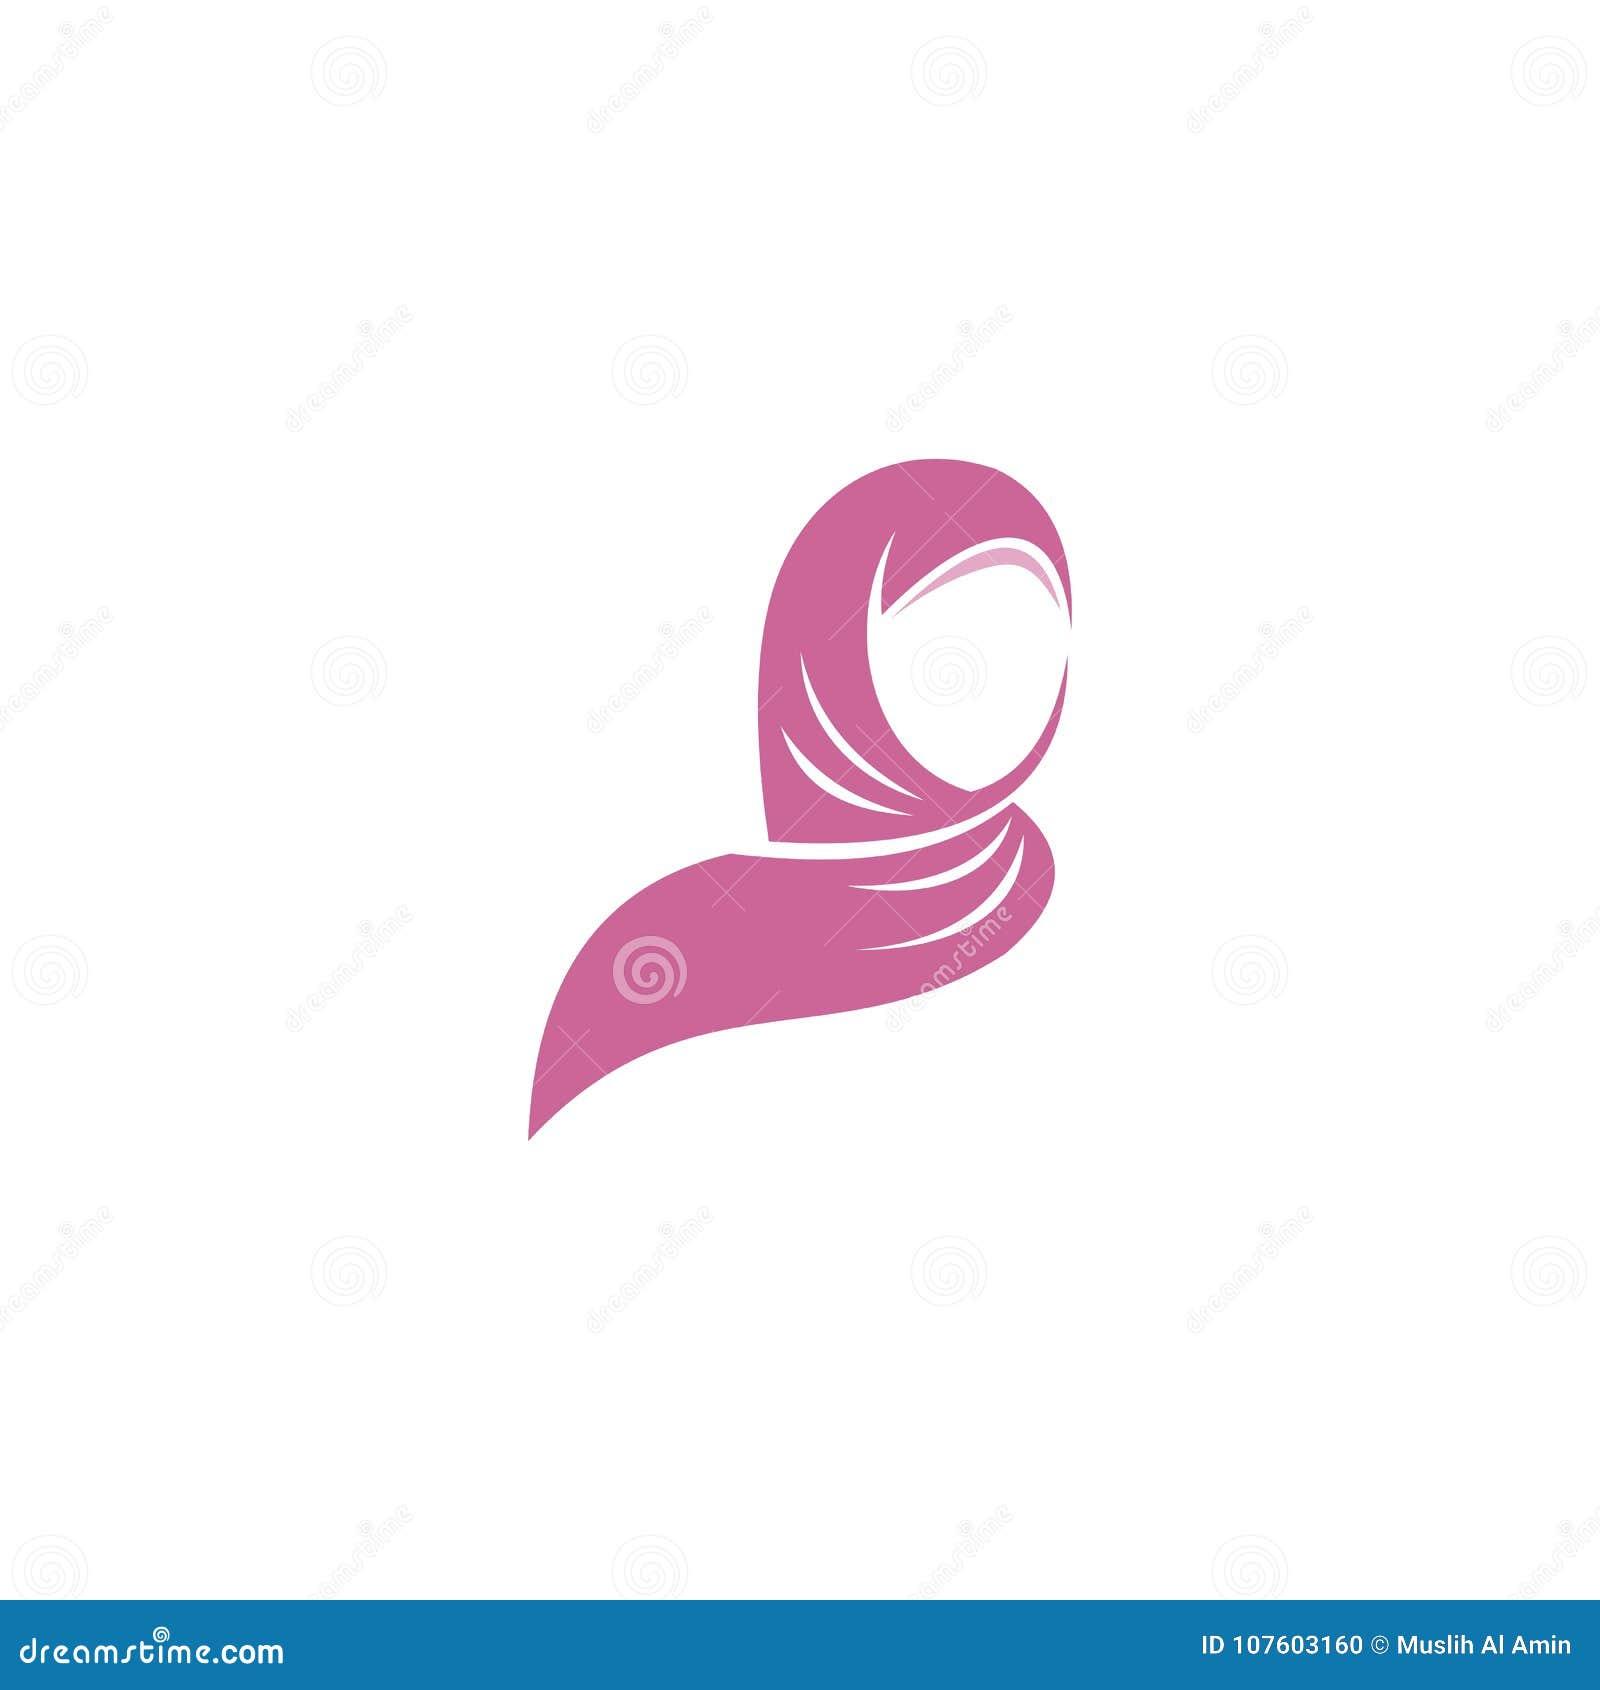 Λογότυπο καταστημάτων Hijab, μουσουλμανικά Αραβικά